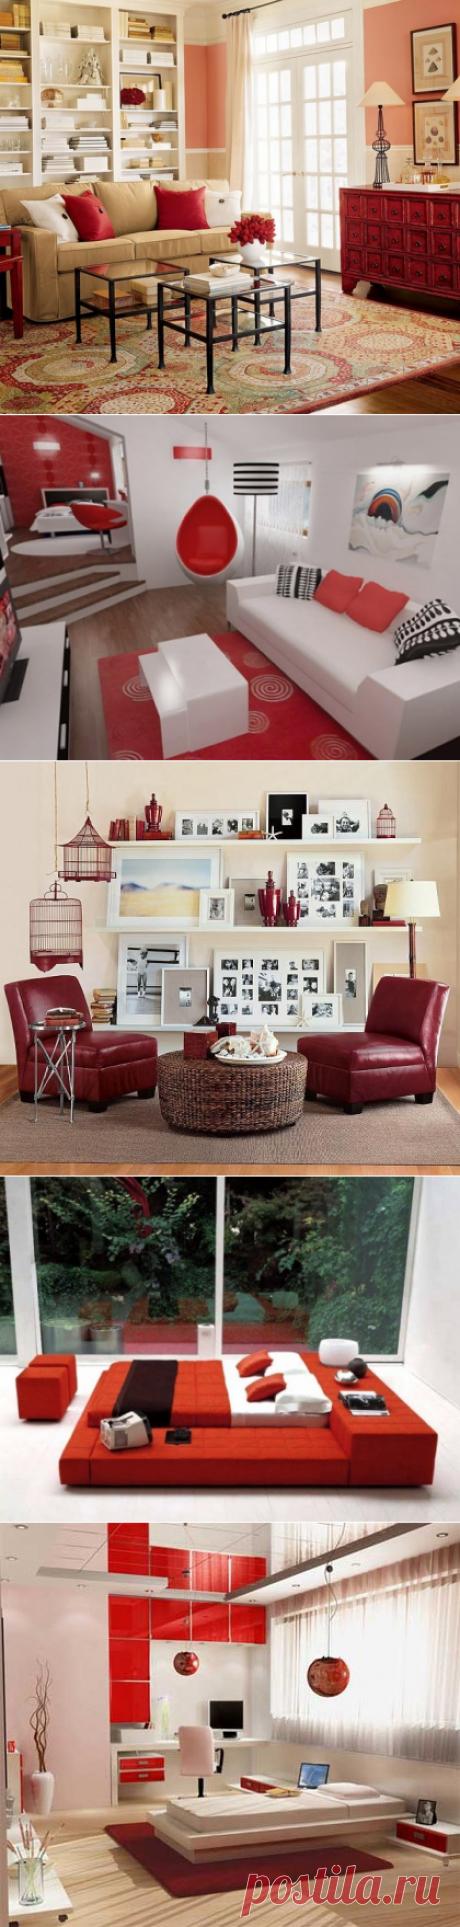 Преображение интерьера с использованием красного цвета